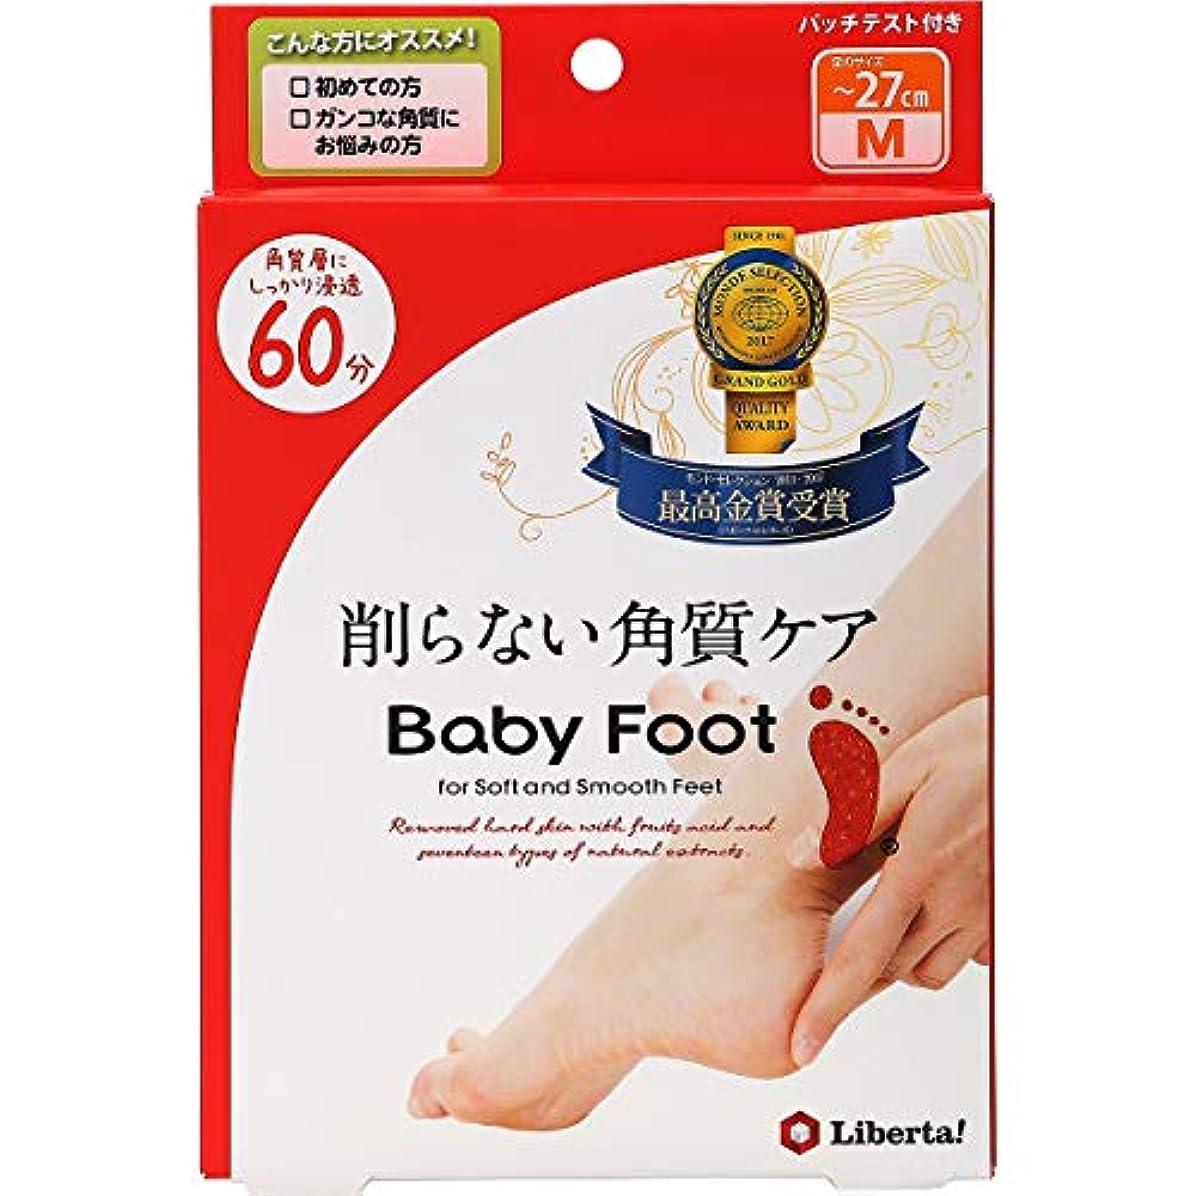 コメント曲げる間隔ベビーフット (Baby Foot) ベビーフット イージーパック SPT60分タイプ Mサイズ 単品